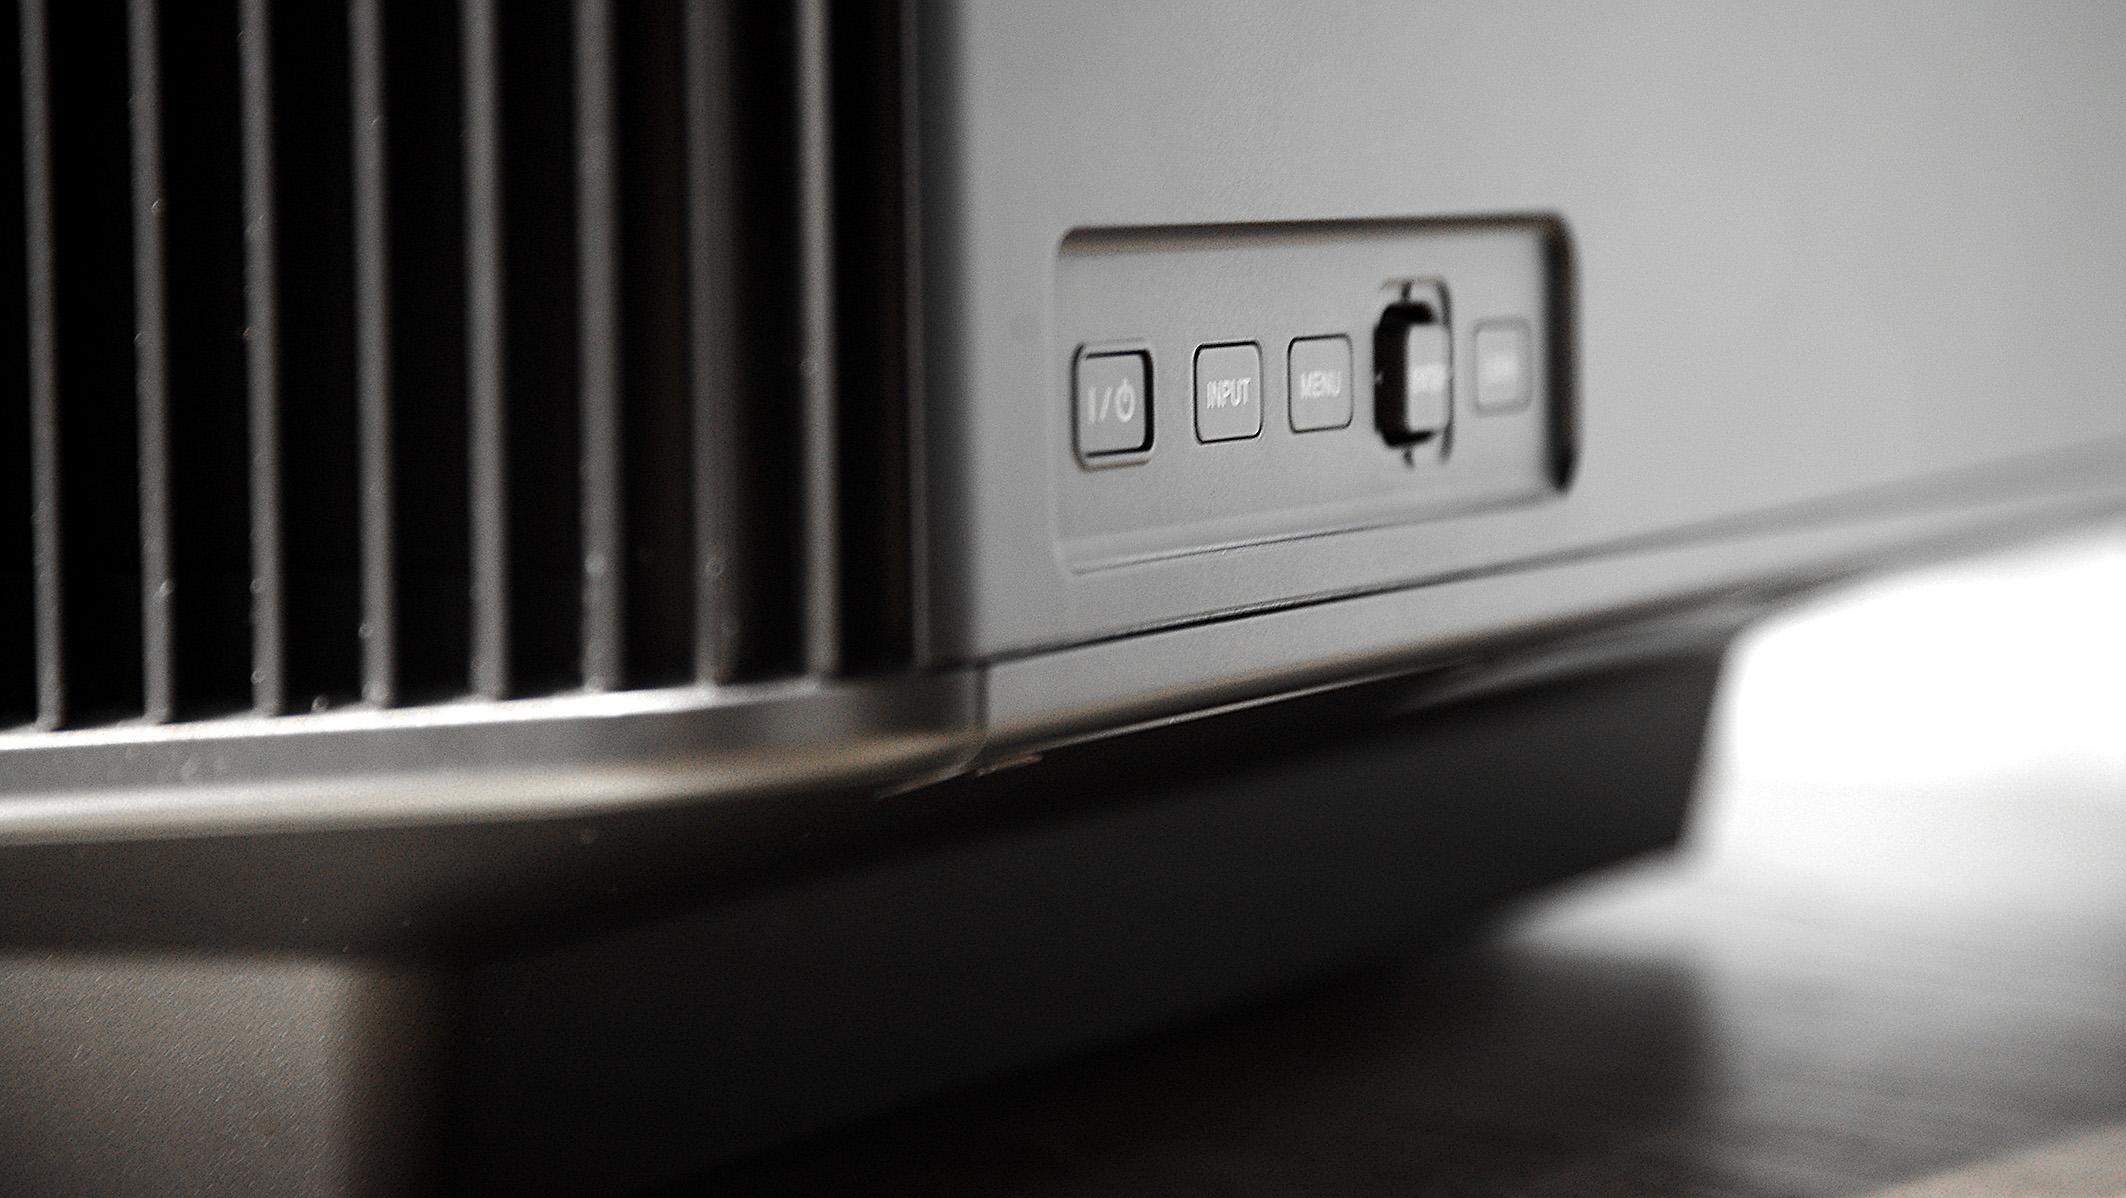 Foto: Michael B. Rehders Sony VPL-VW760ES – Neben der handlichen Fernbedienung können die wichtigsten Einstellungen am Projektor durchgeführt werden. Mit der seitlich eingelassenen Tastatur lässt sich vortrefflich durch das On-Screen-Menü navigieren.